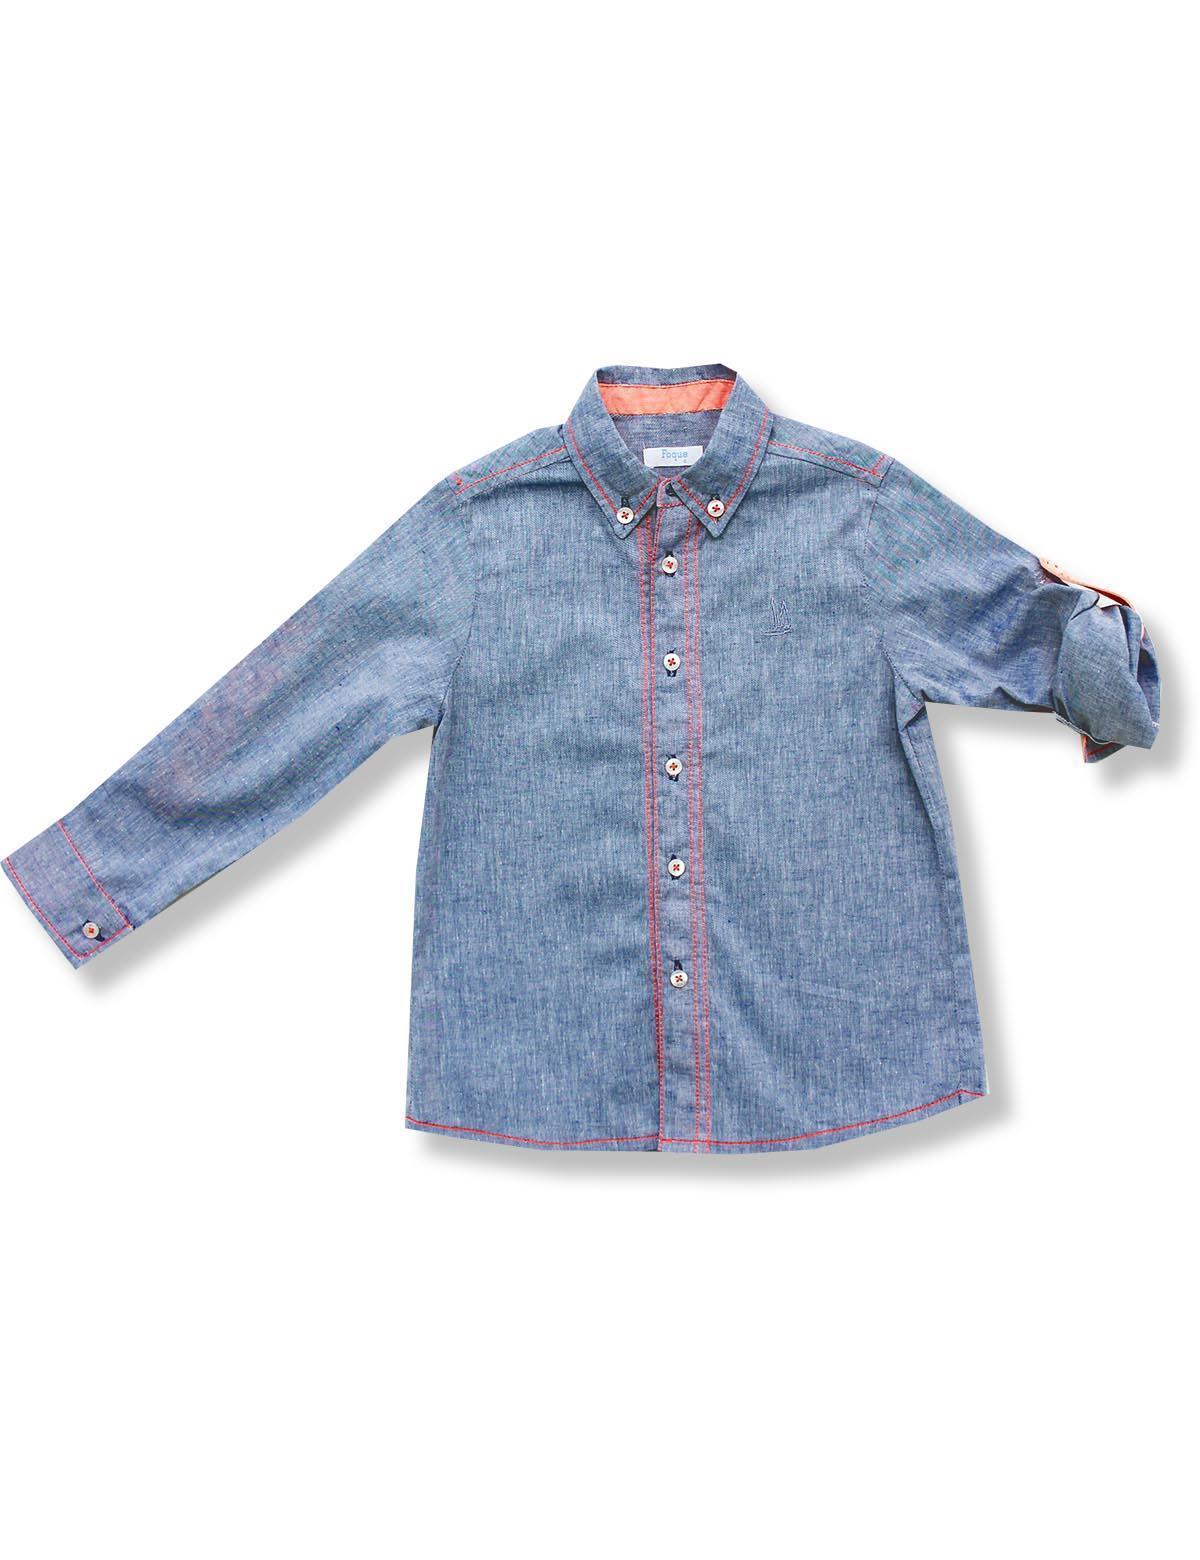 Camisa Foque Niño Lino Jeans Con Pespuntes Flúor A Contraste